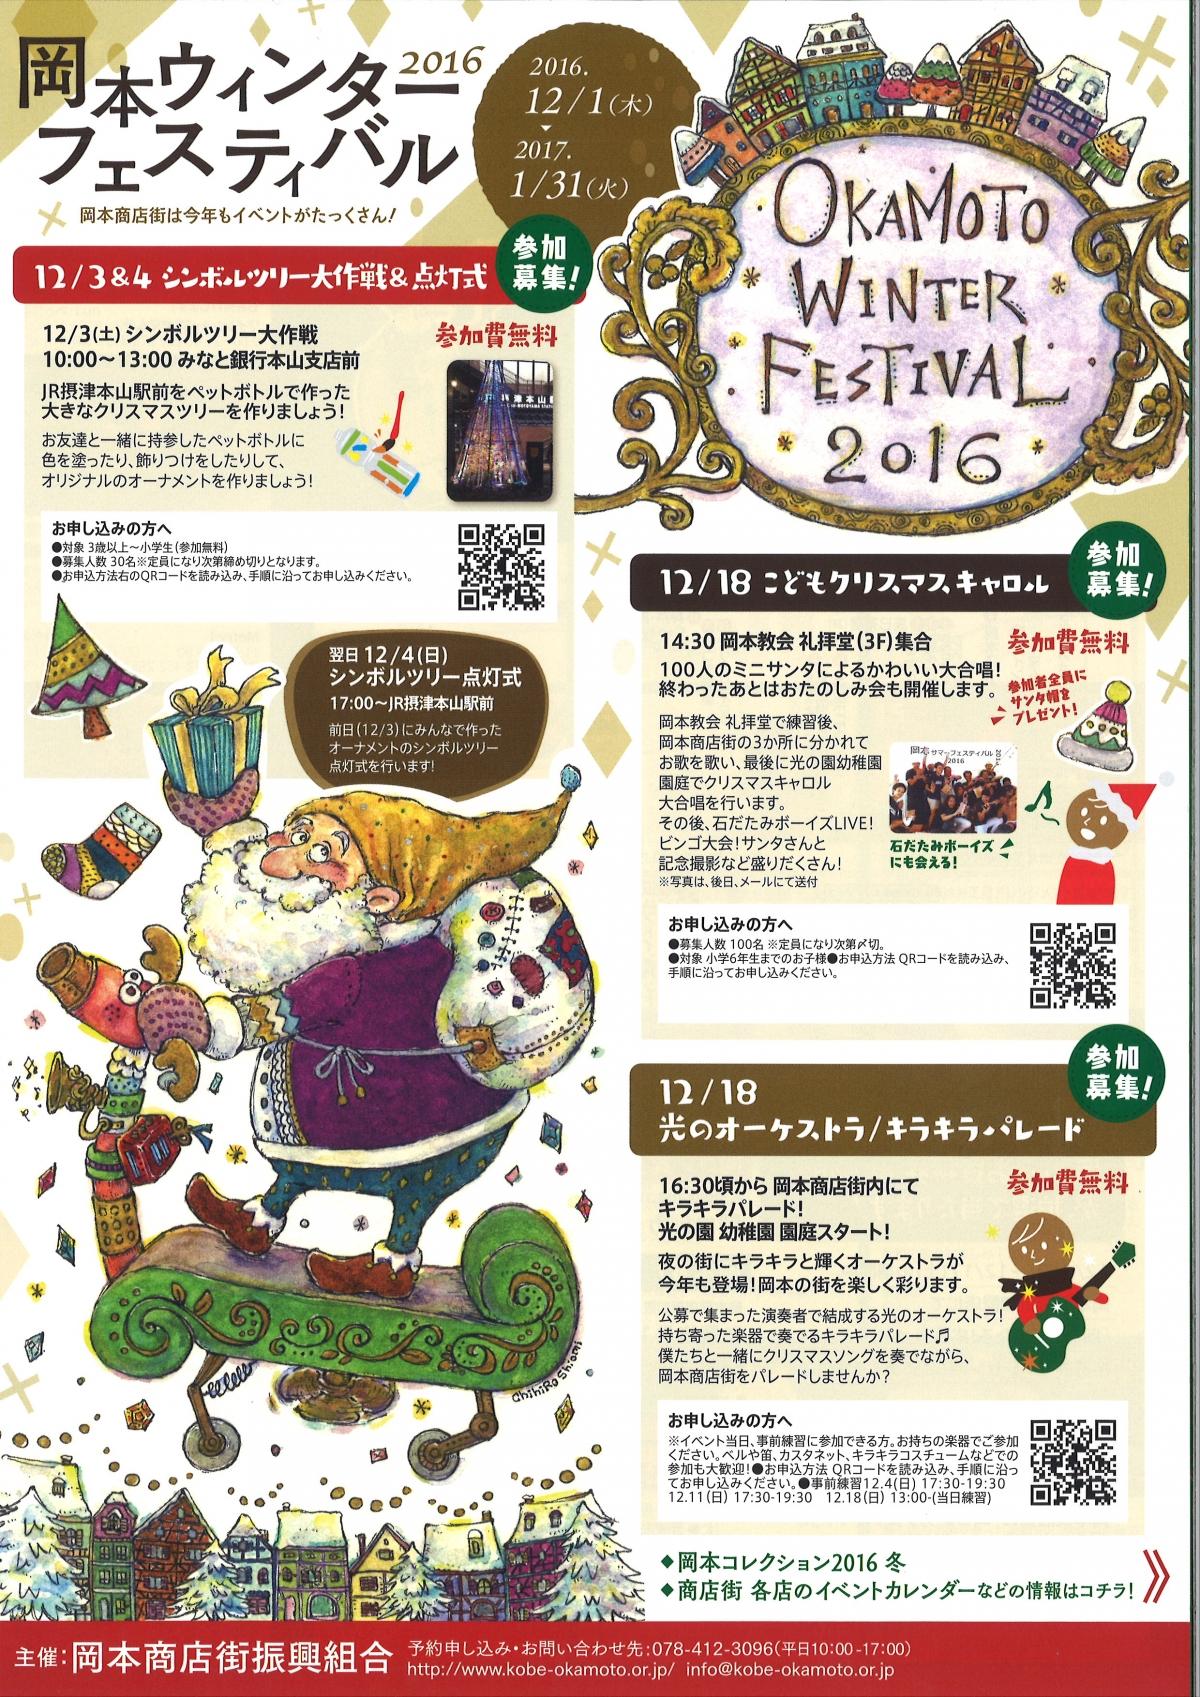 「岡本ウィンターフェスティバル2016」こども向けイベントが12/18に開催されるよ【告知】